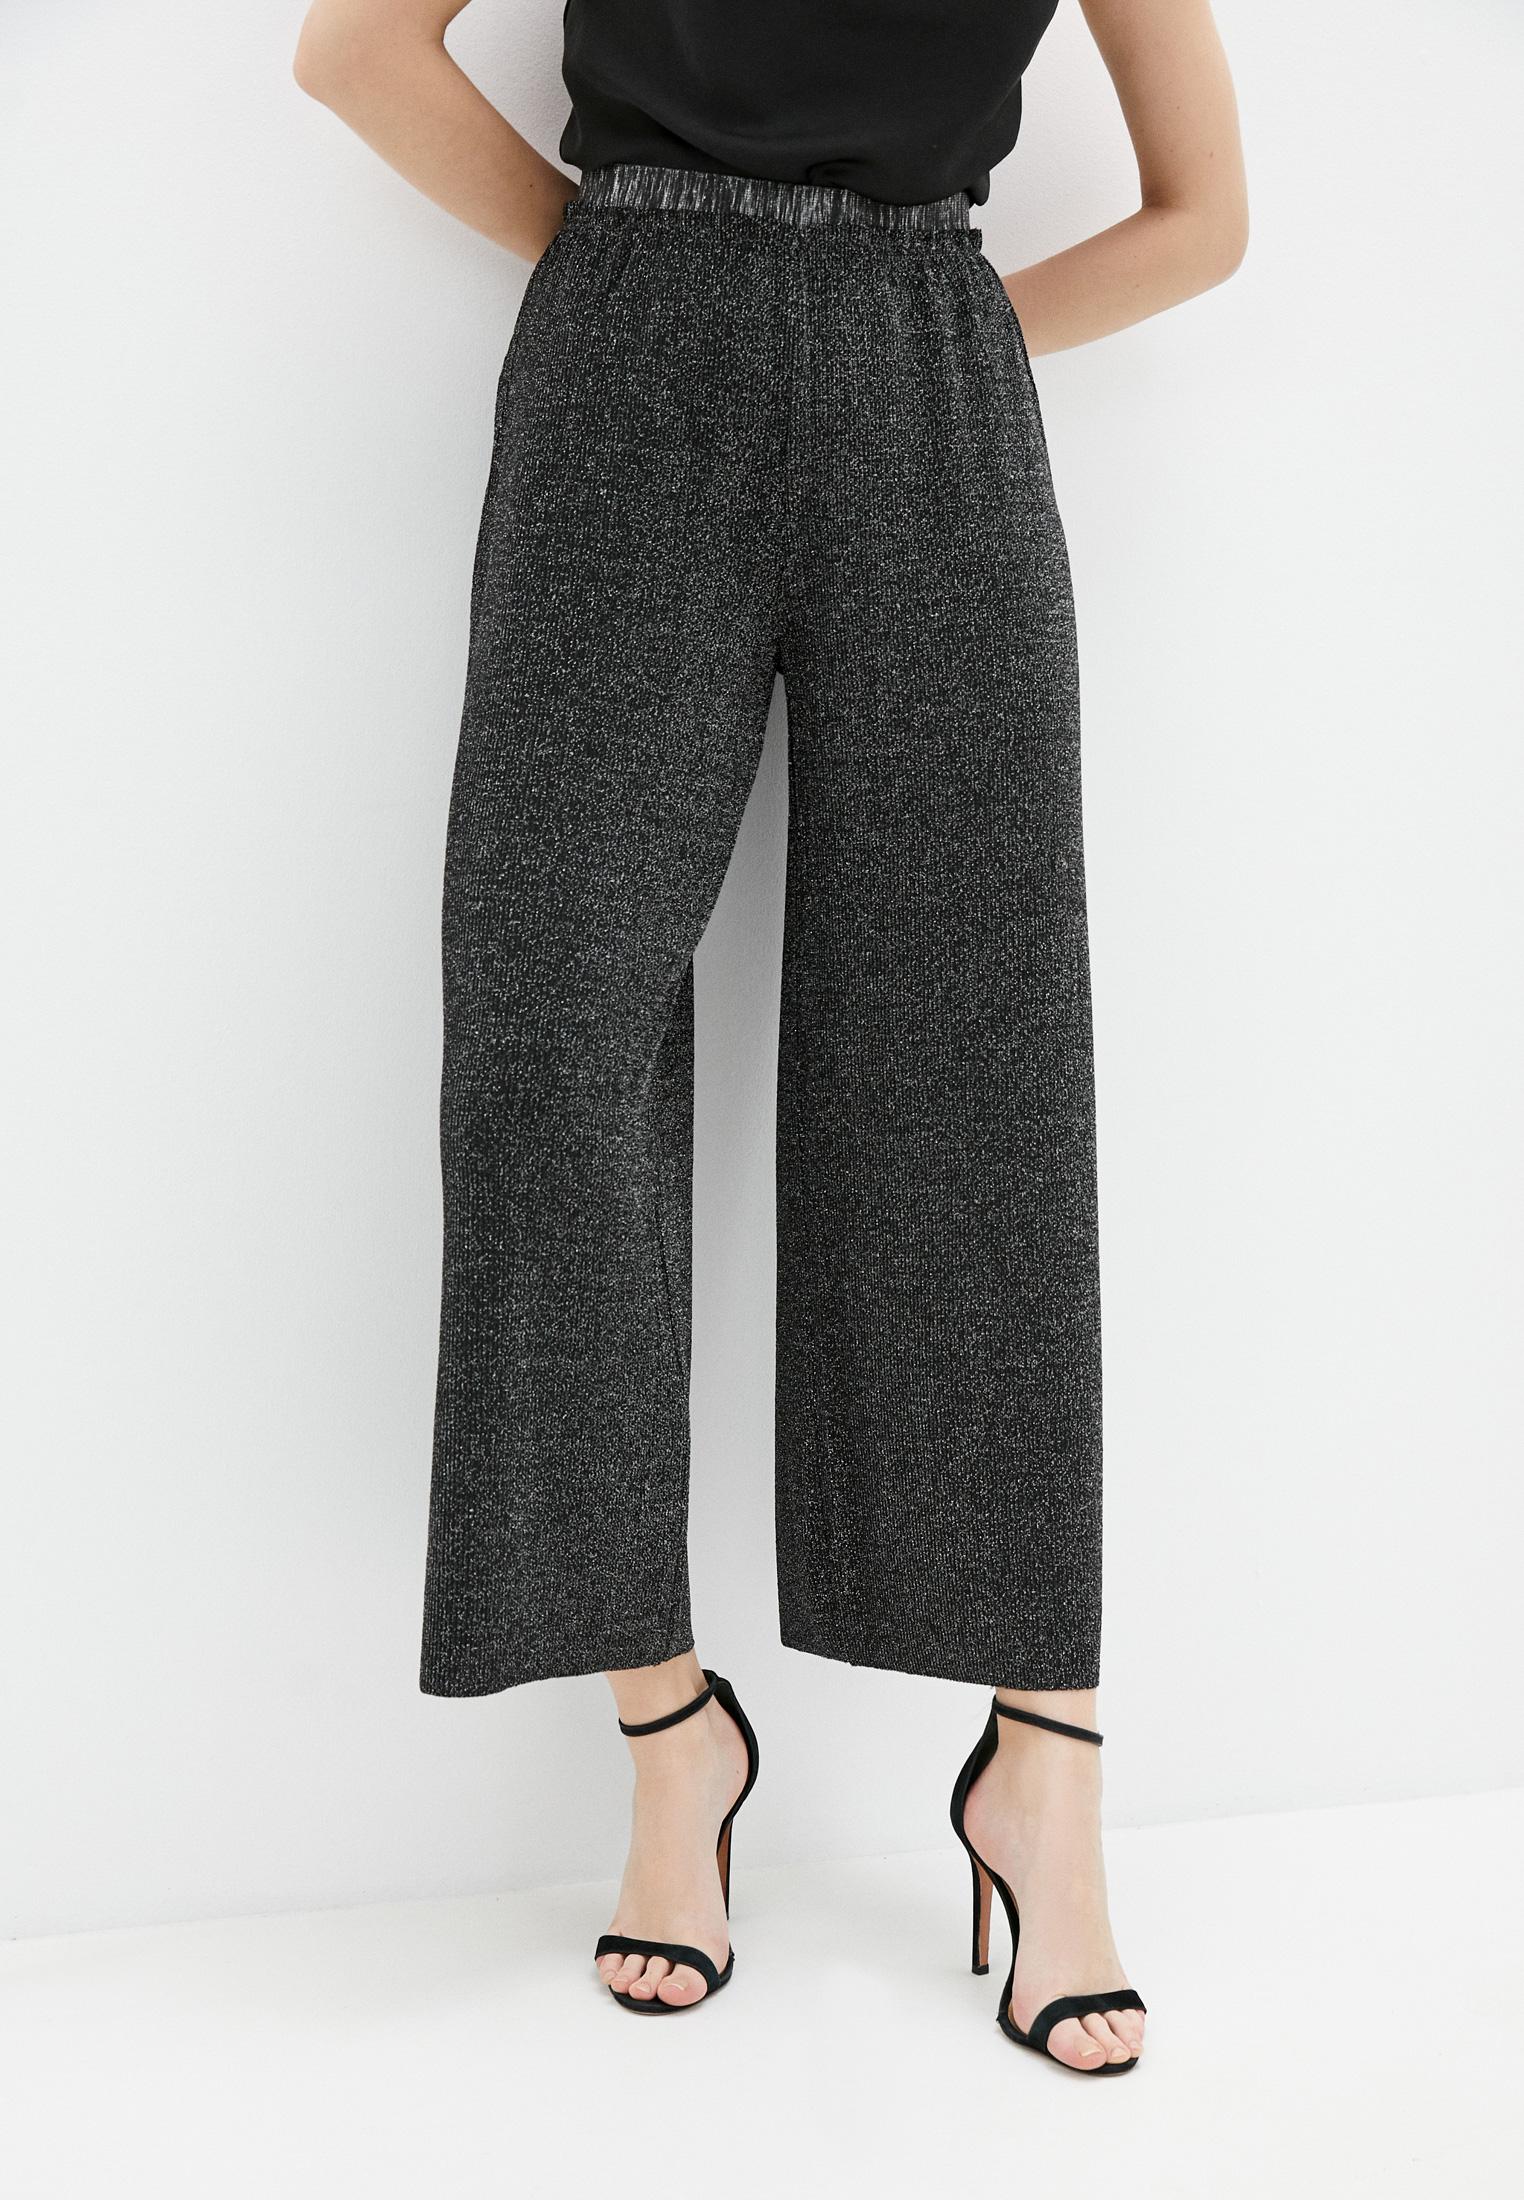 Женские широкие и расклешенные брюки Pimkie Брюки Pimkie